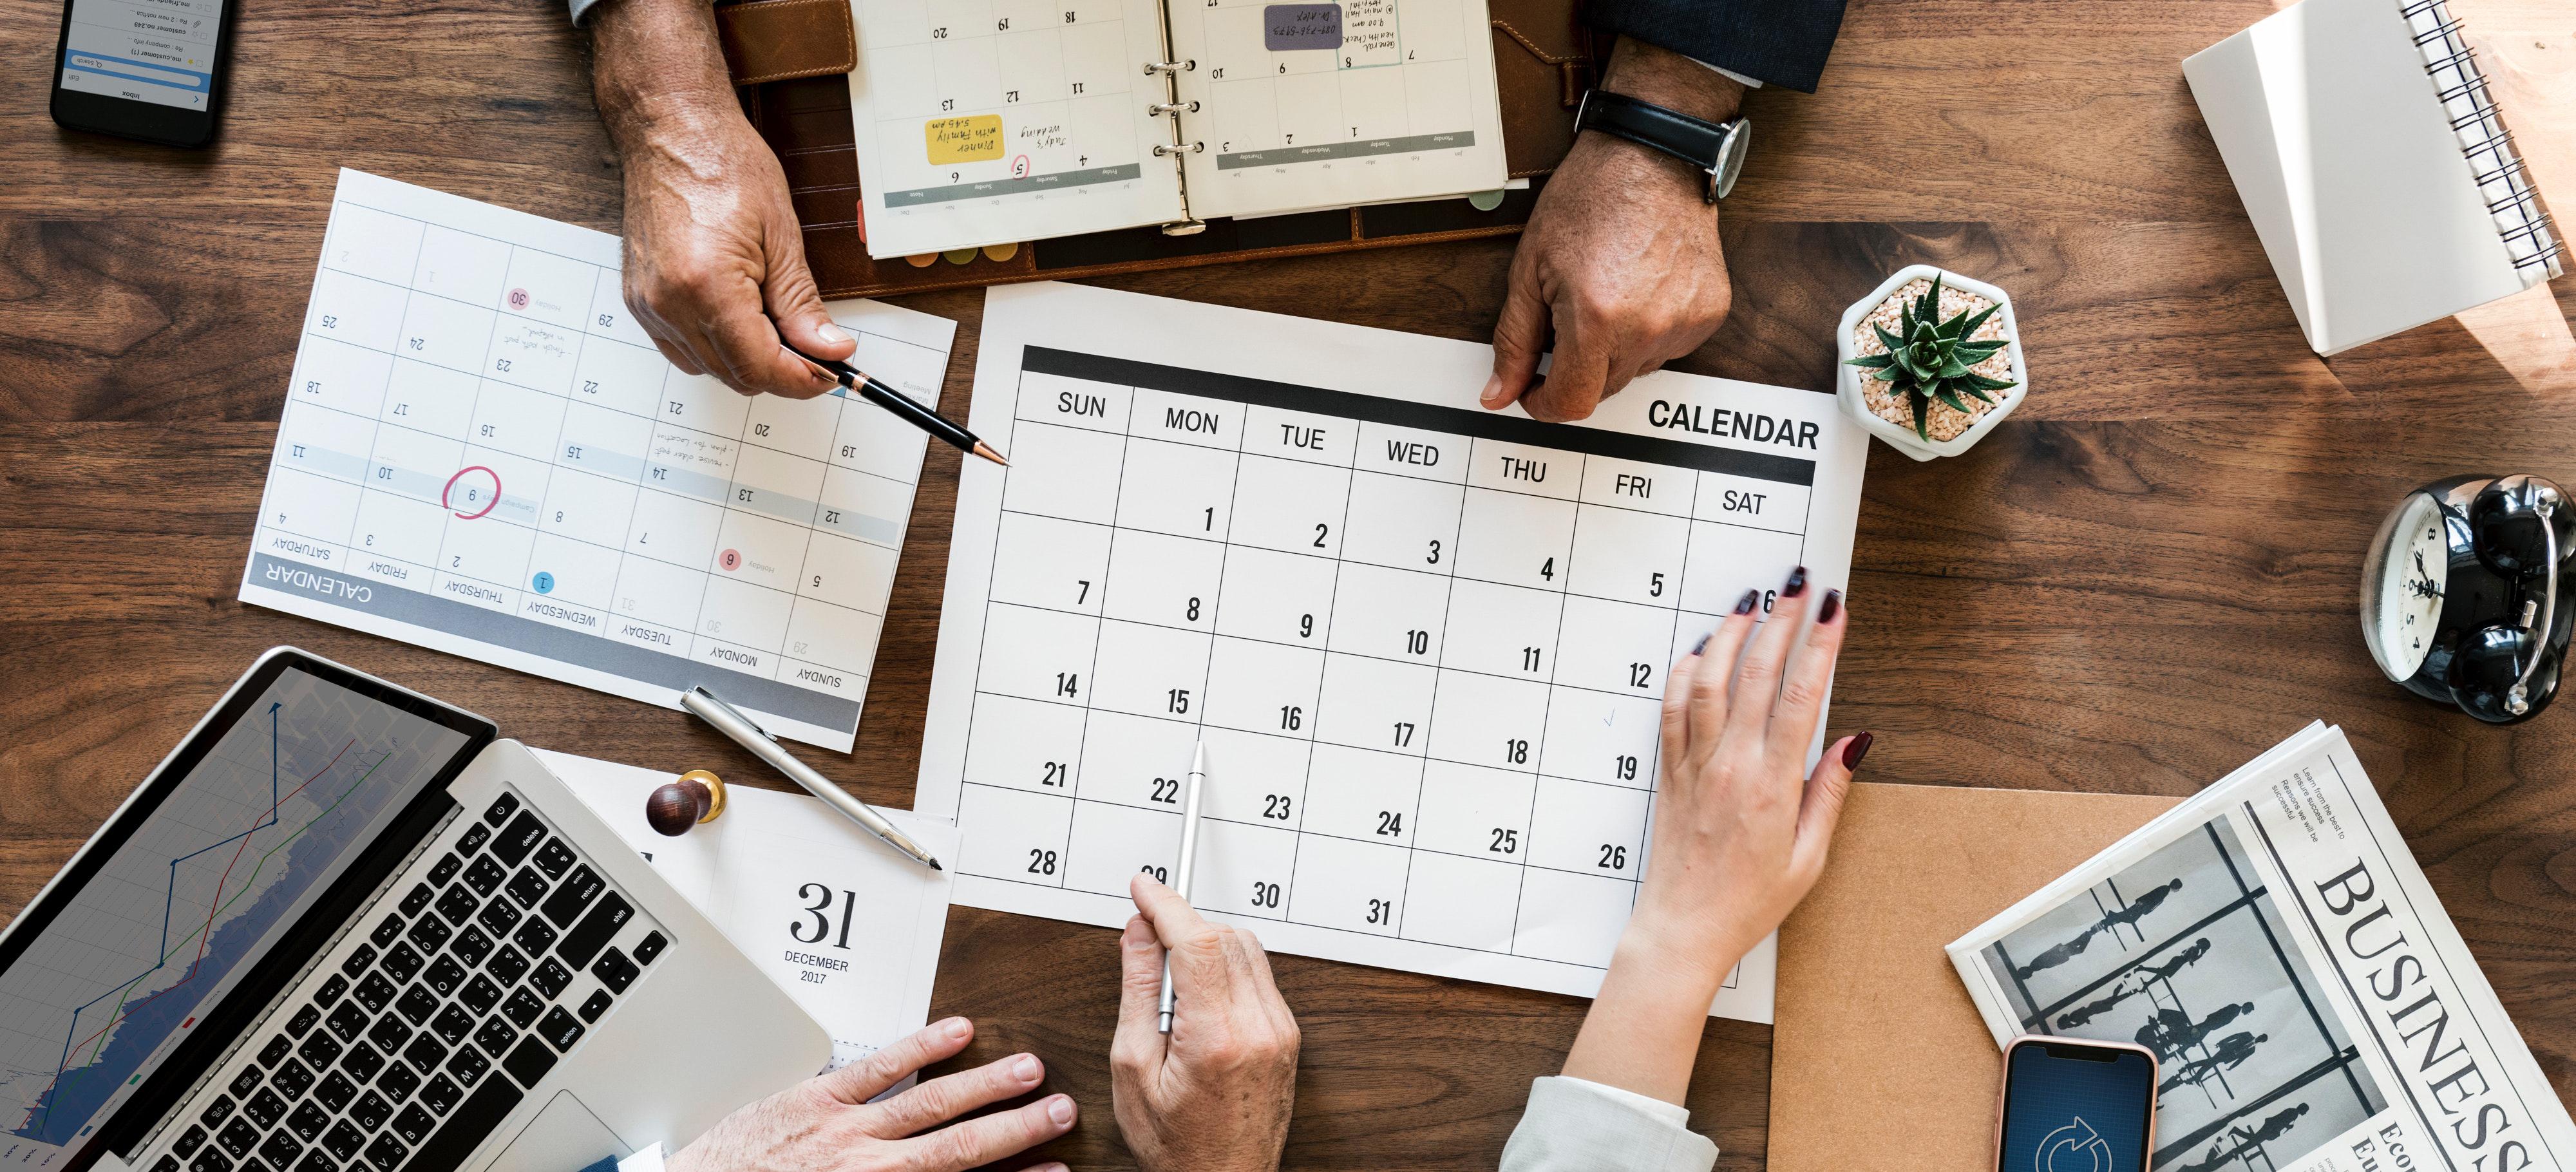 Baltijos regiono verslo konferencijų ir renginių apžvalga 2018 metais